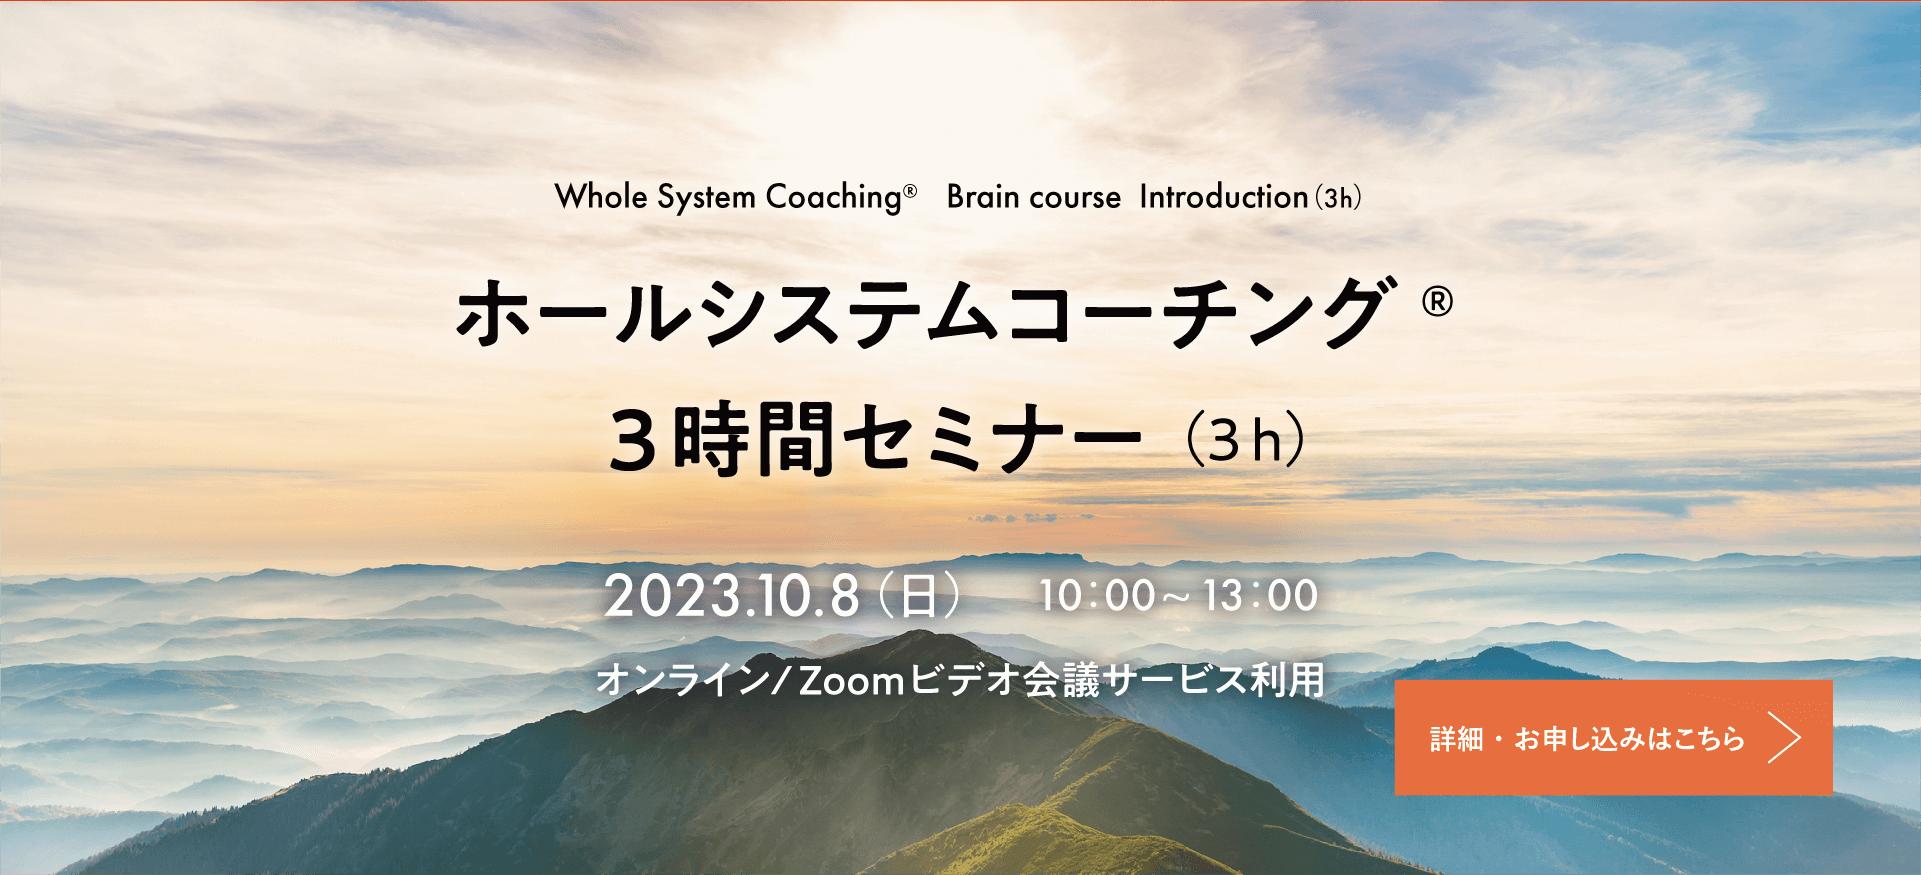 Whole System Coaching® Brain course  Introduction(3h)ホールシステムコーチング® 3時間セミナー(3h)2018.9.16 (日) 10:00~13:00@ エル・おおさか 705号室